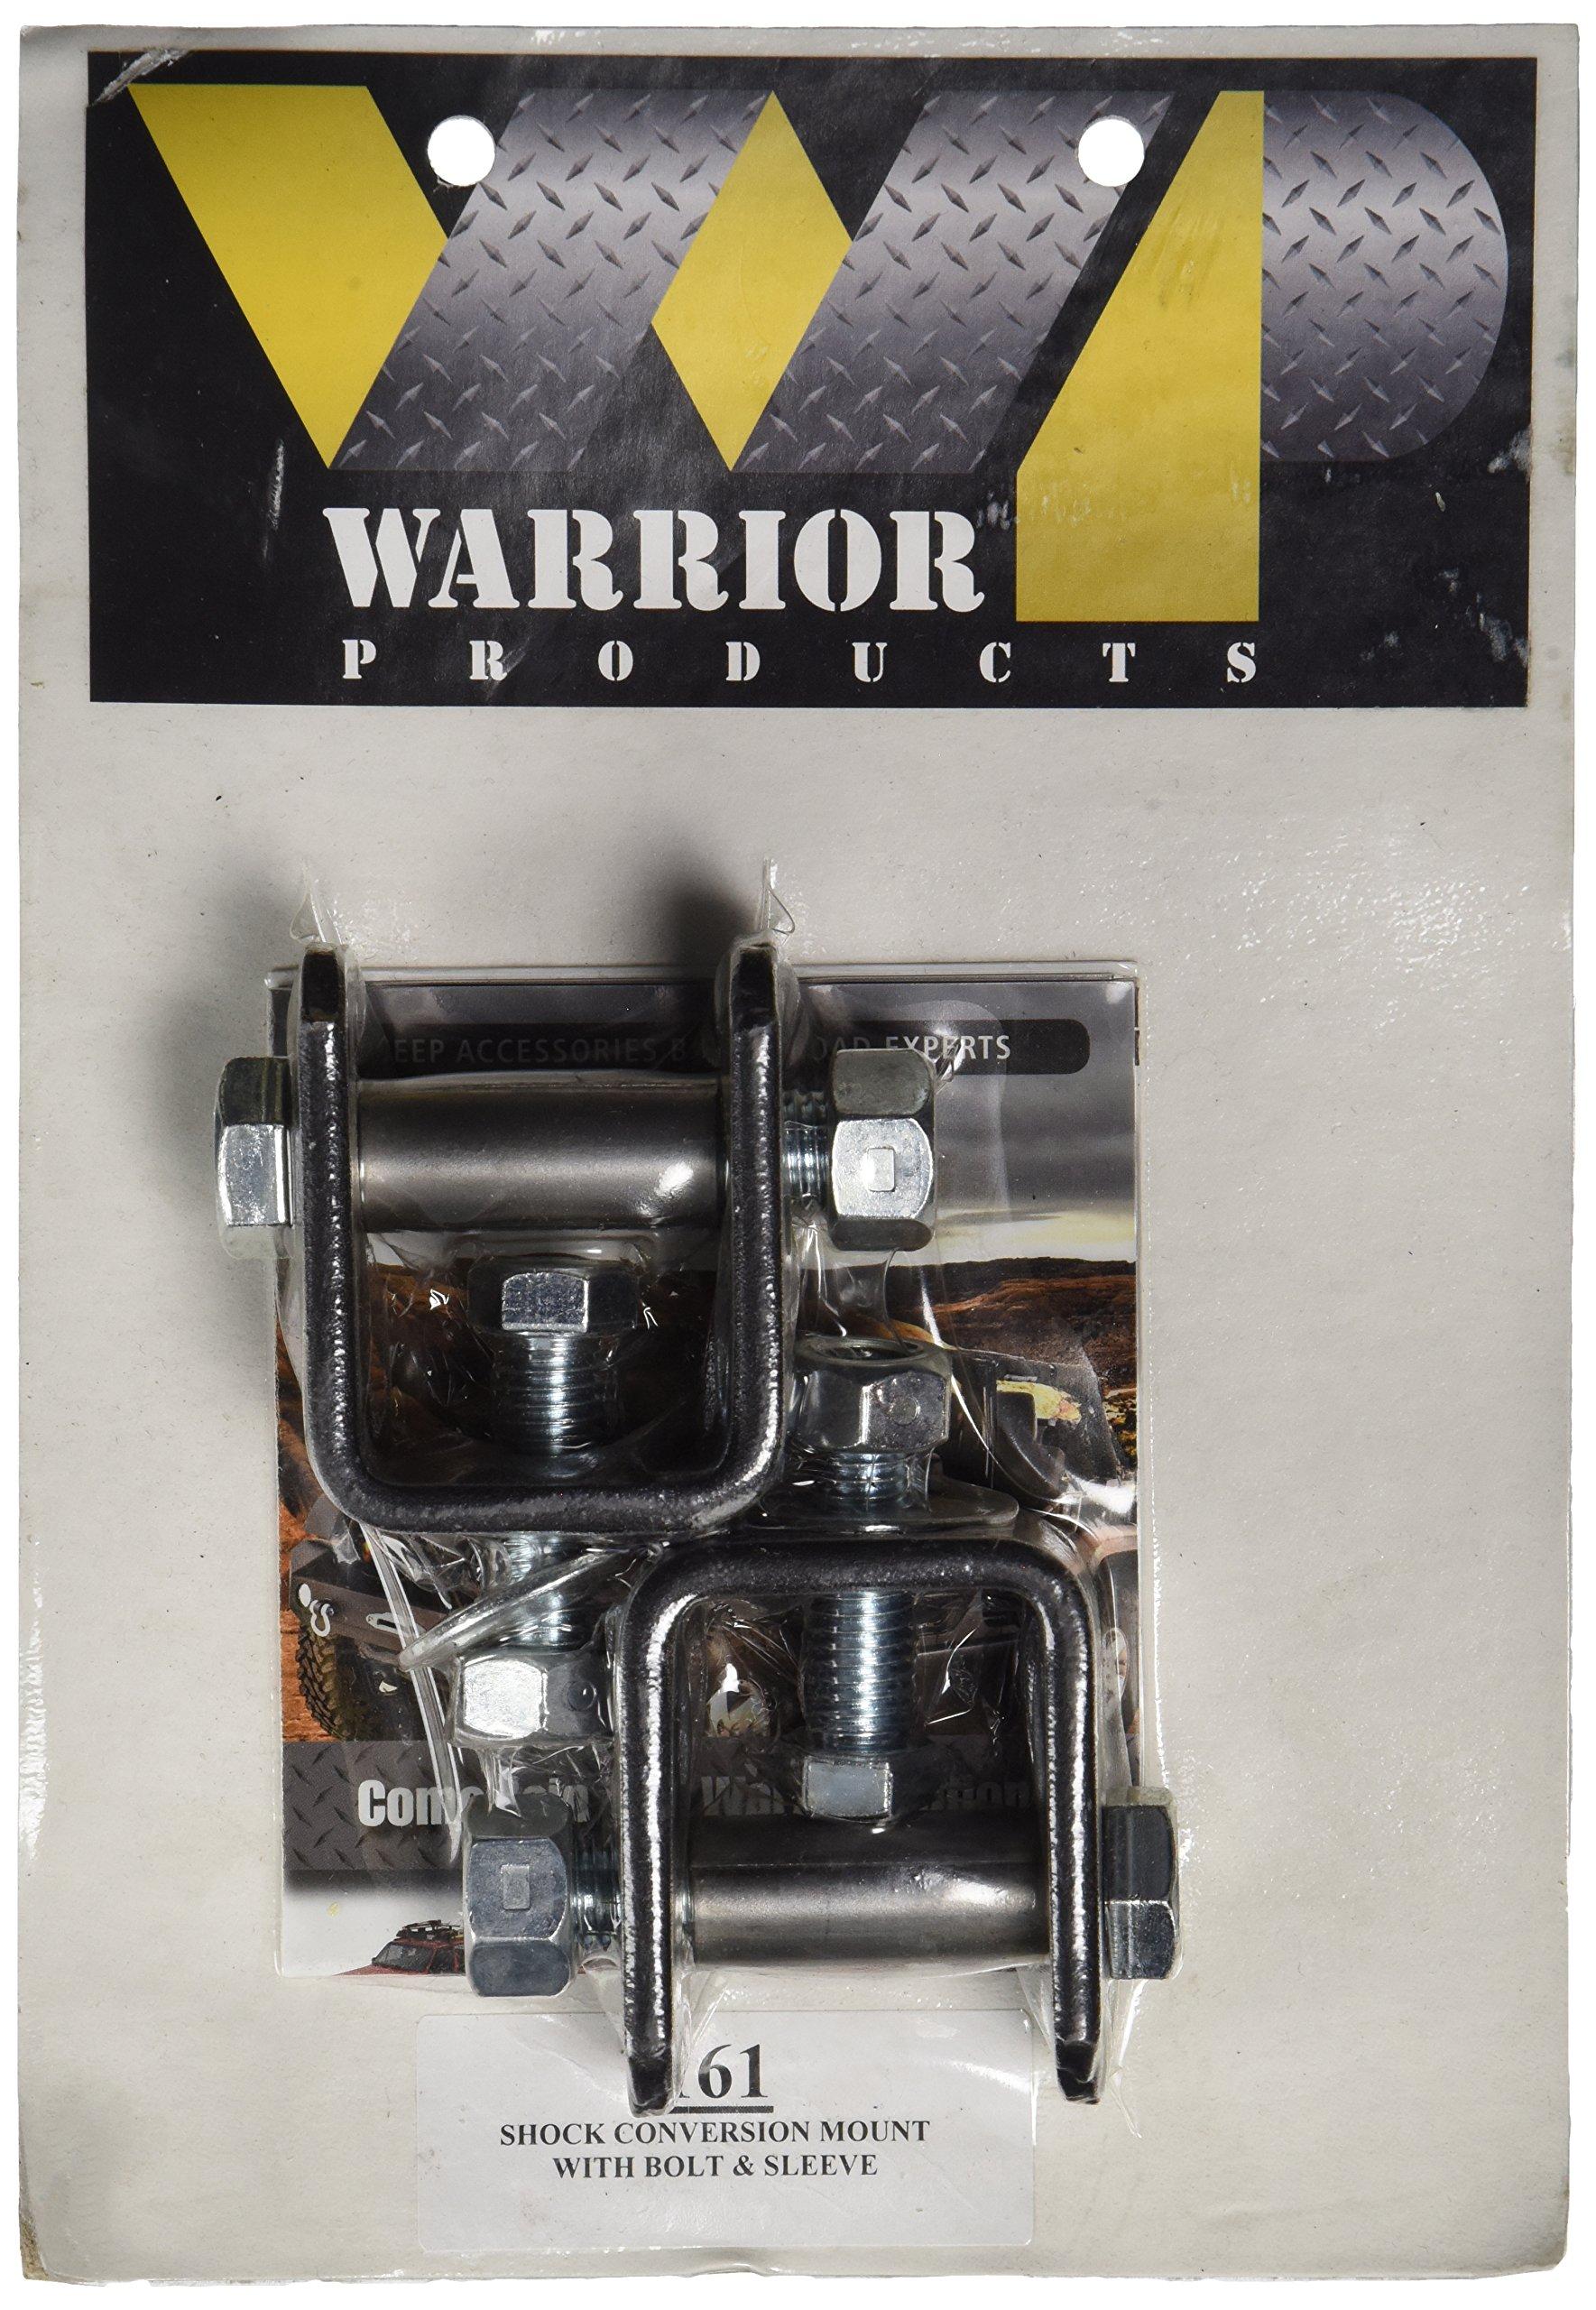 Warrior 161 Shock Conversion Mount